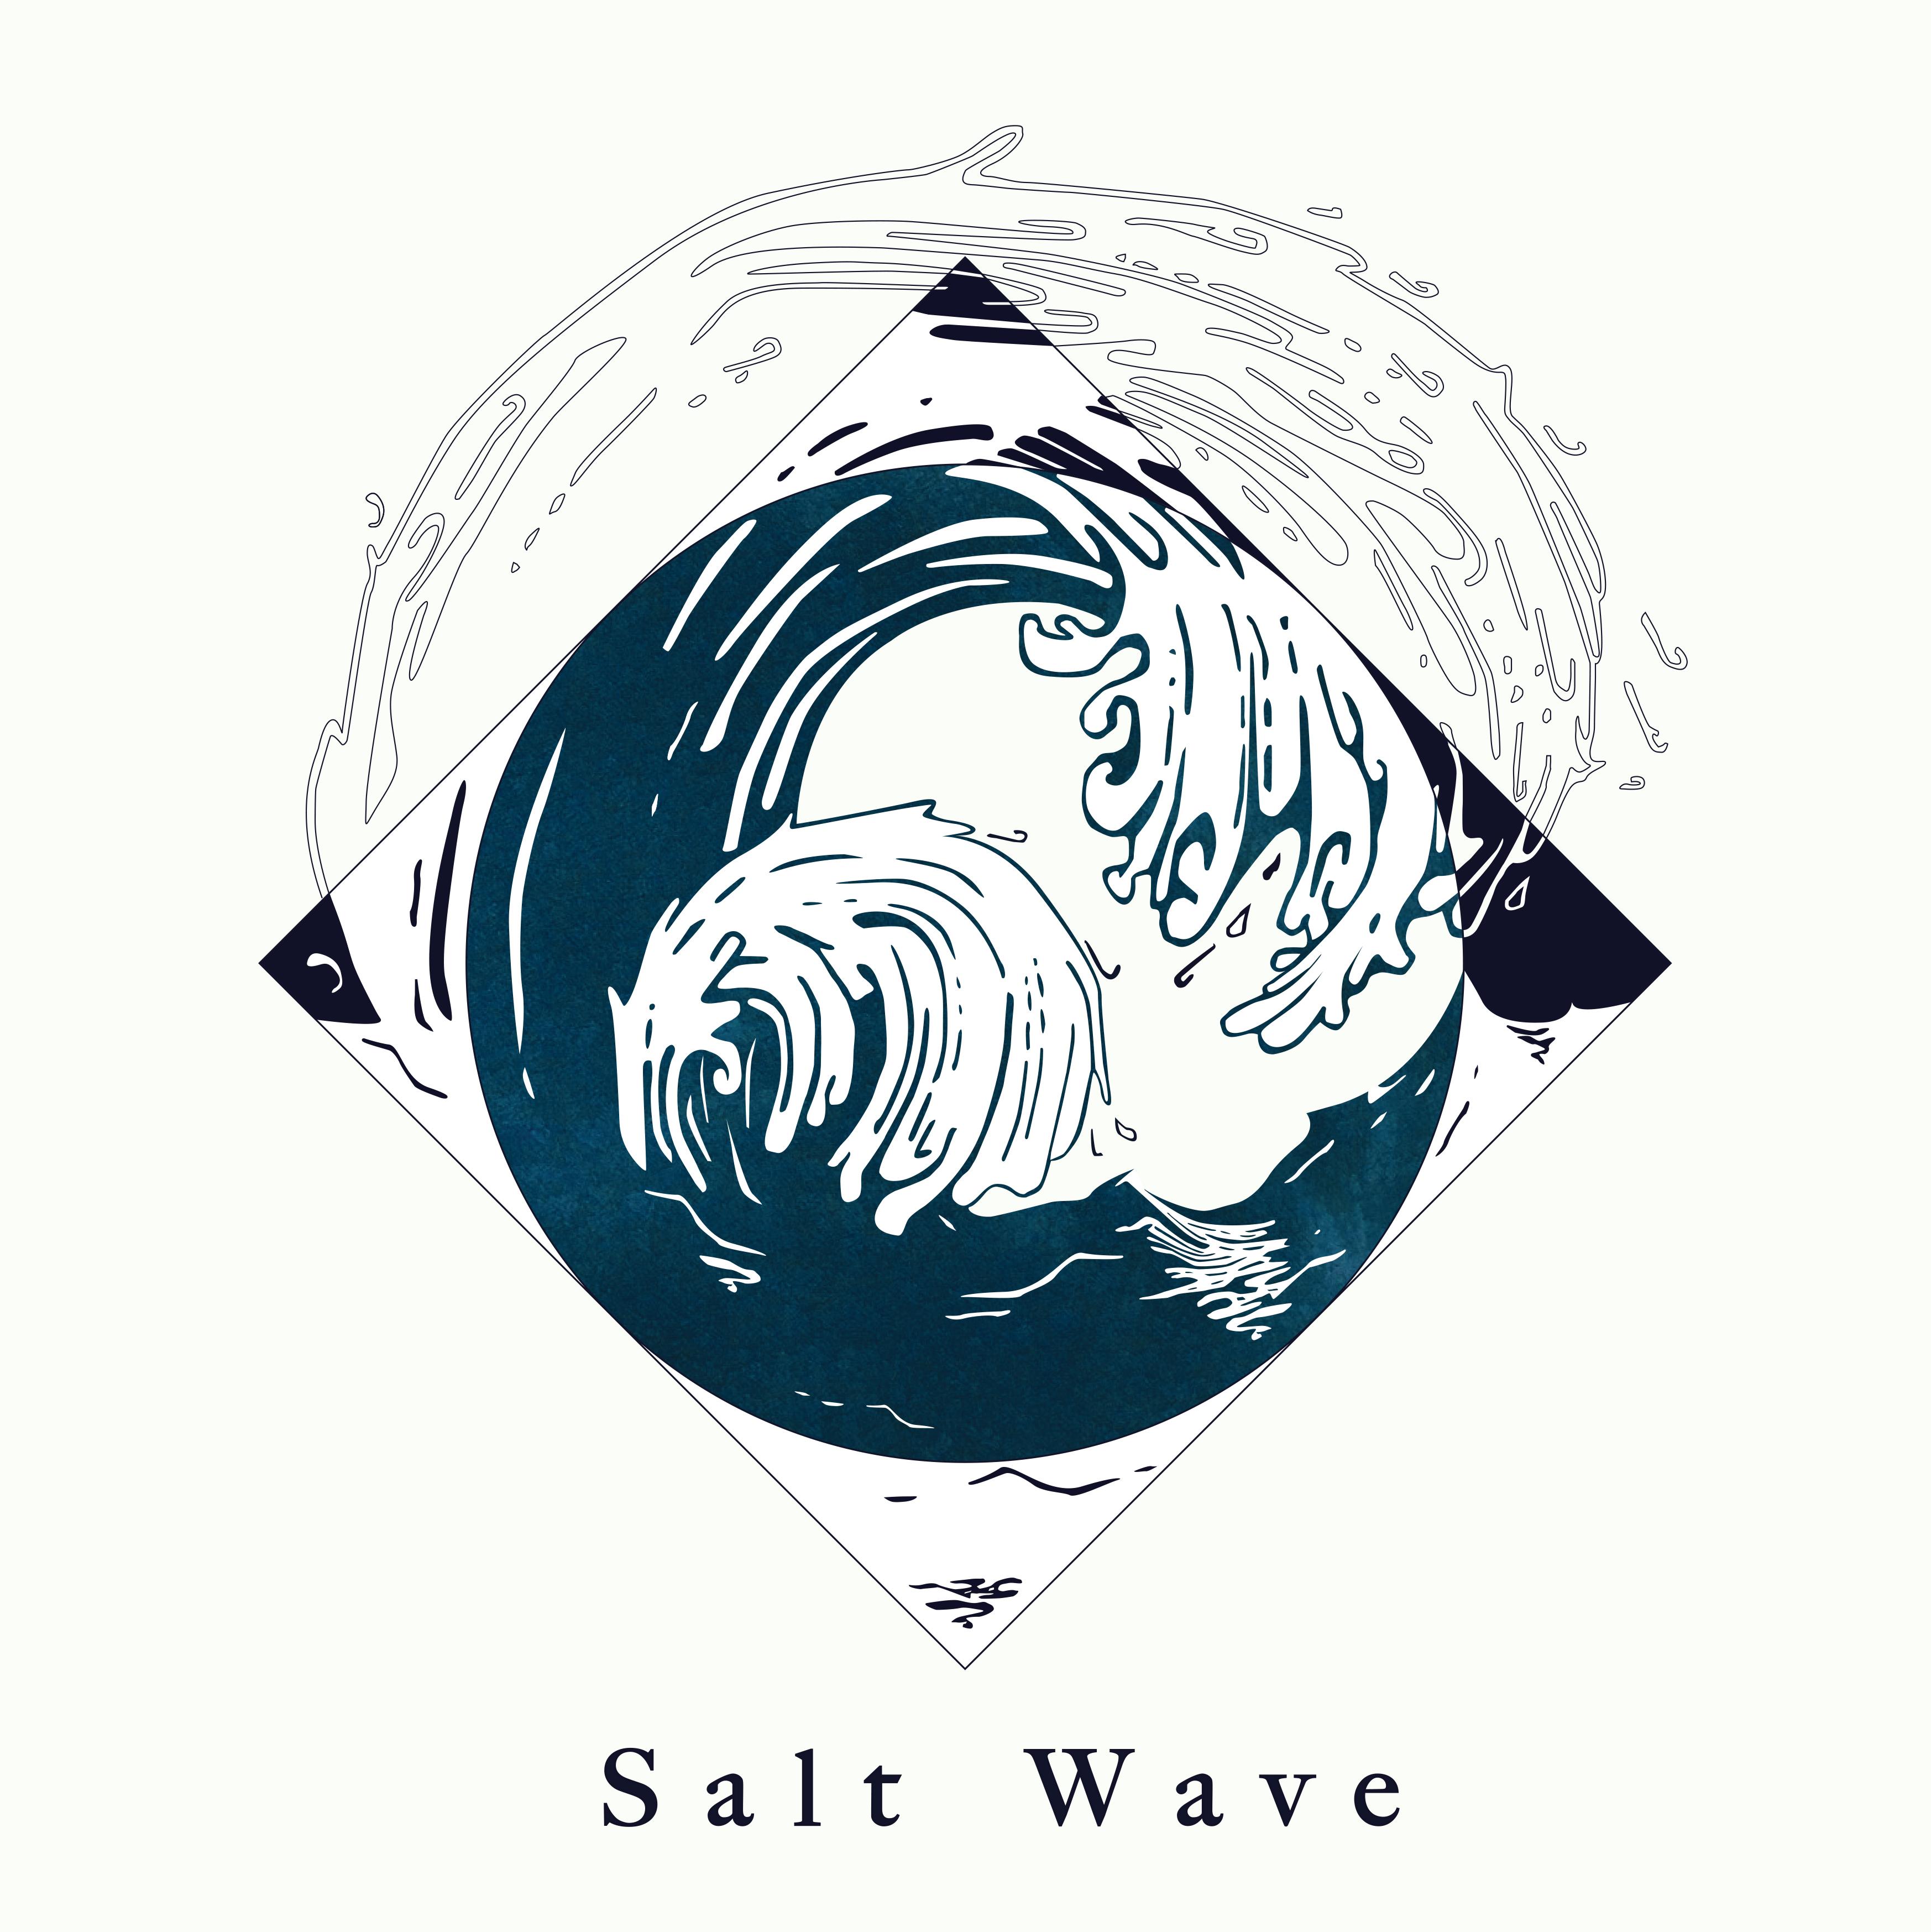 Saltwave